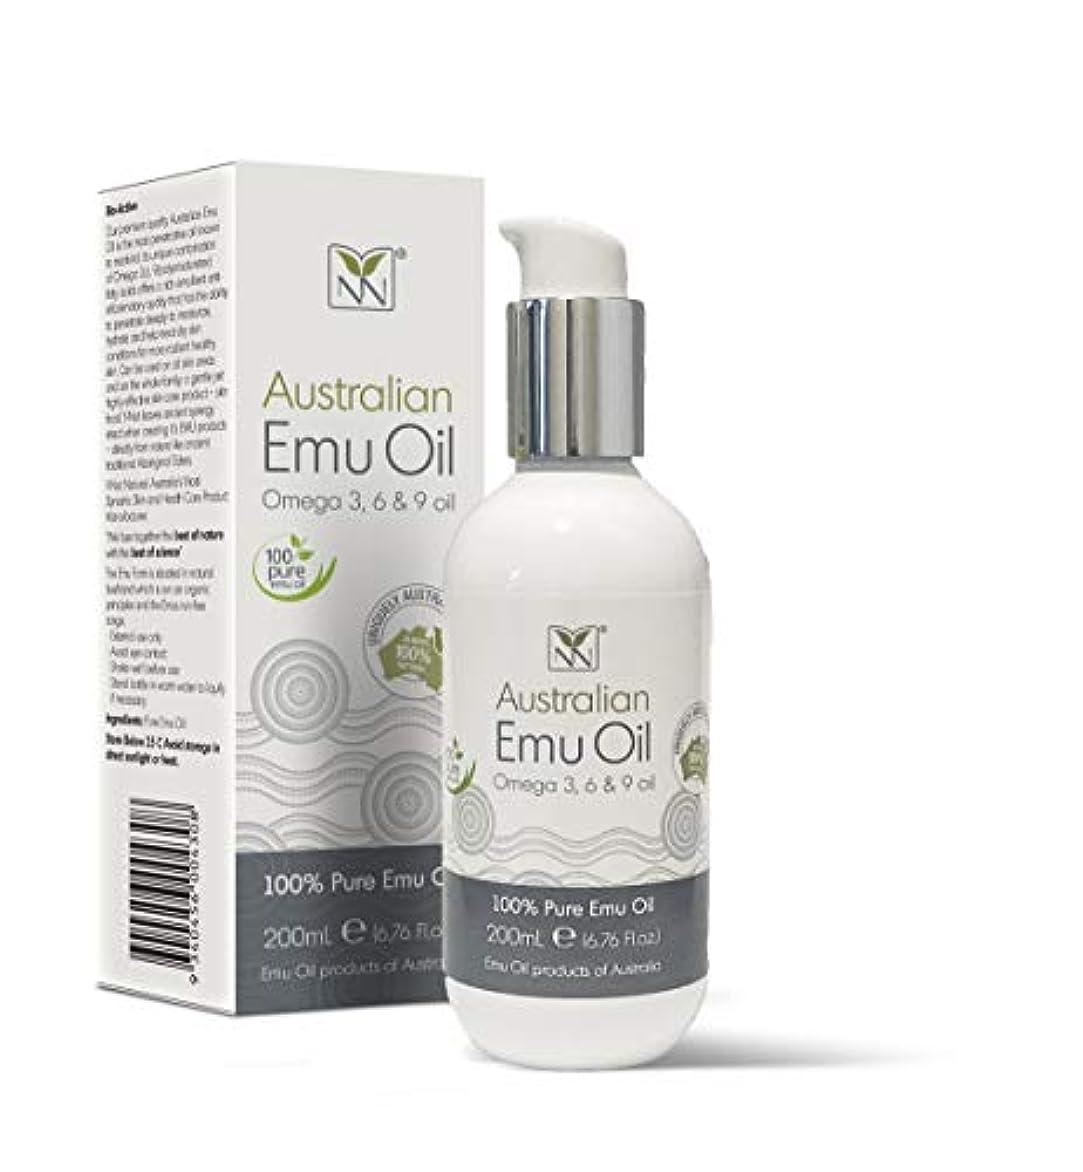 短命フレッシュリベラルY Not Natural エミューオイル EMU OIL 無添加100% 保湿性 浸透性 抜群 プレミアム品質 エミュー油 (200 ml)